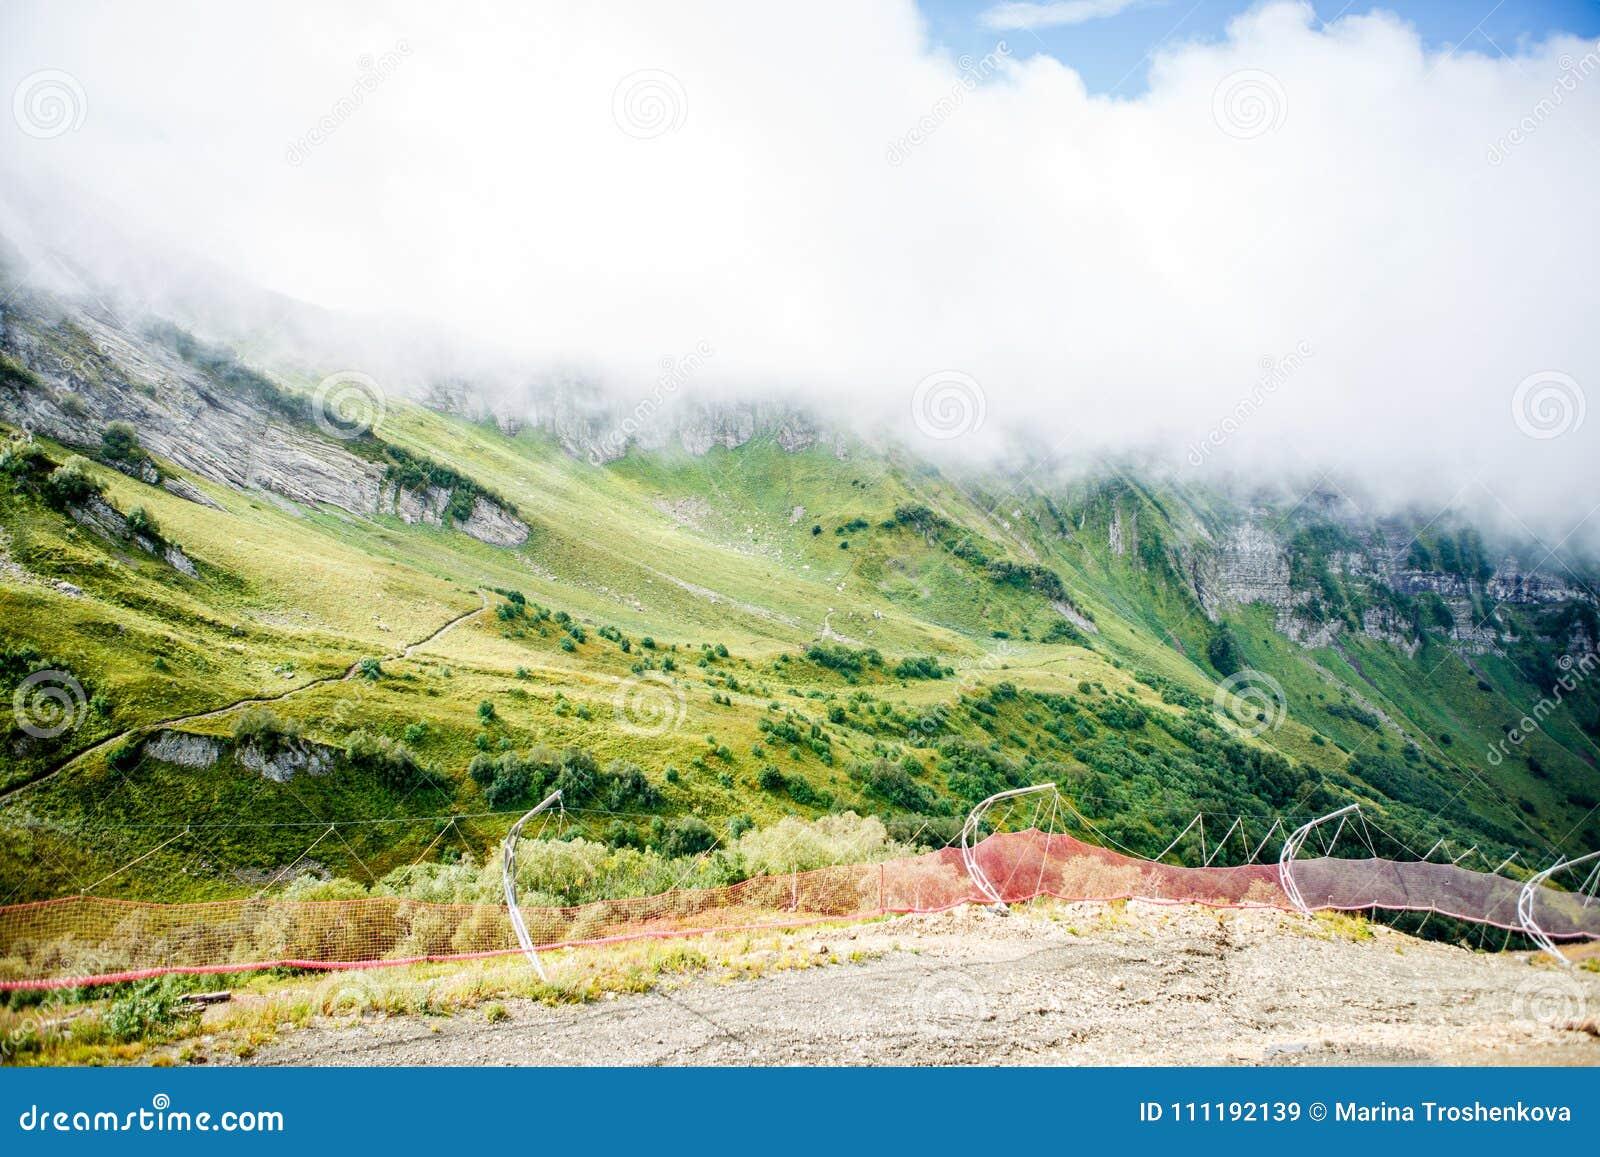 Φωτογραφία της misty λοφώδους έκτασης